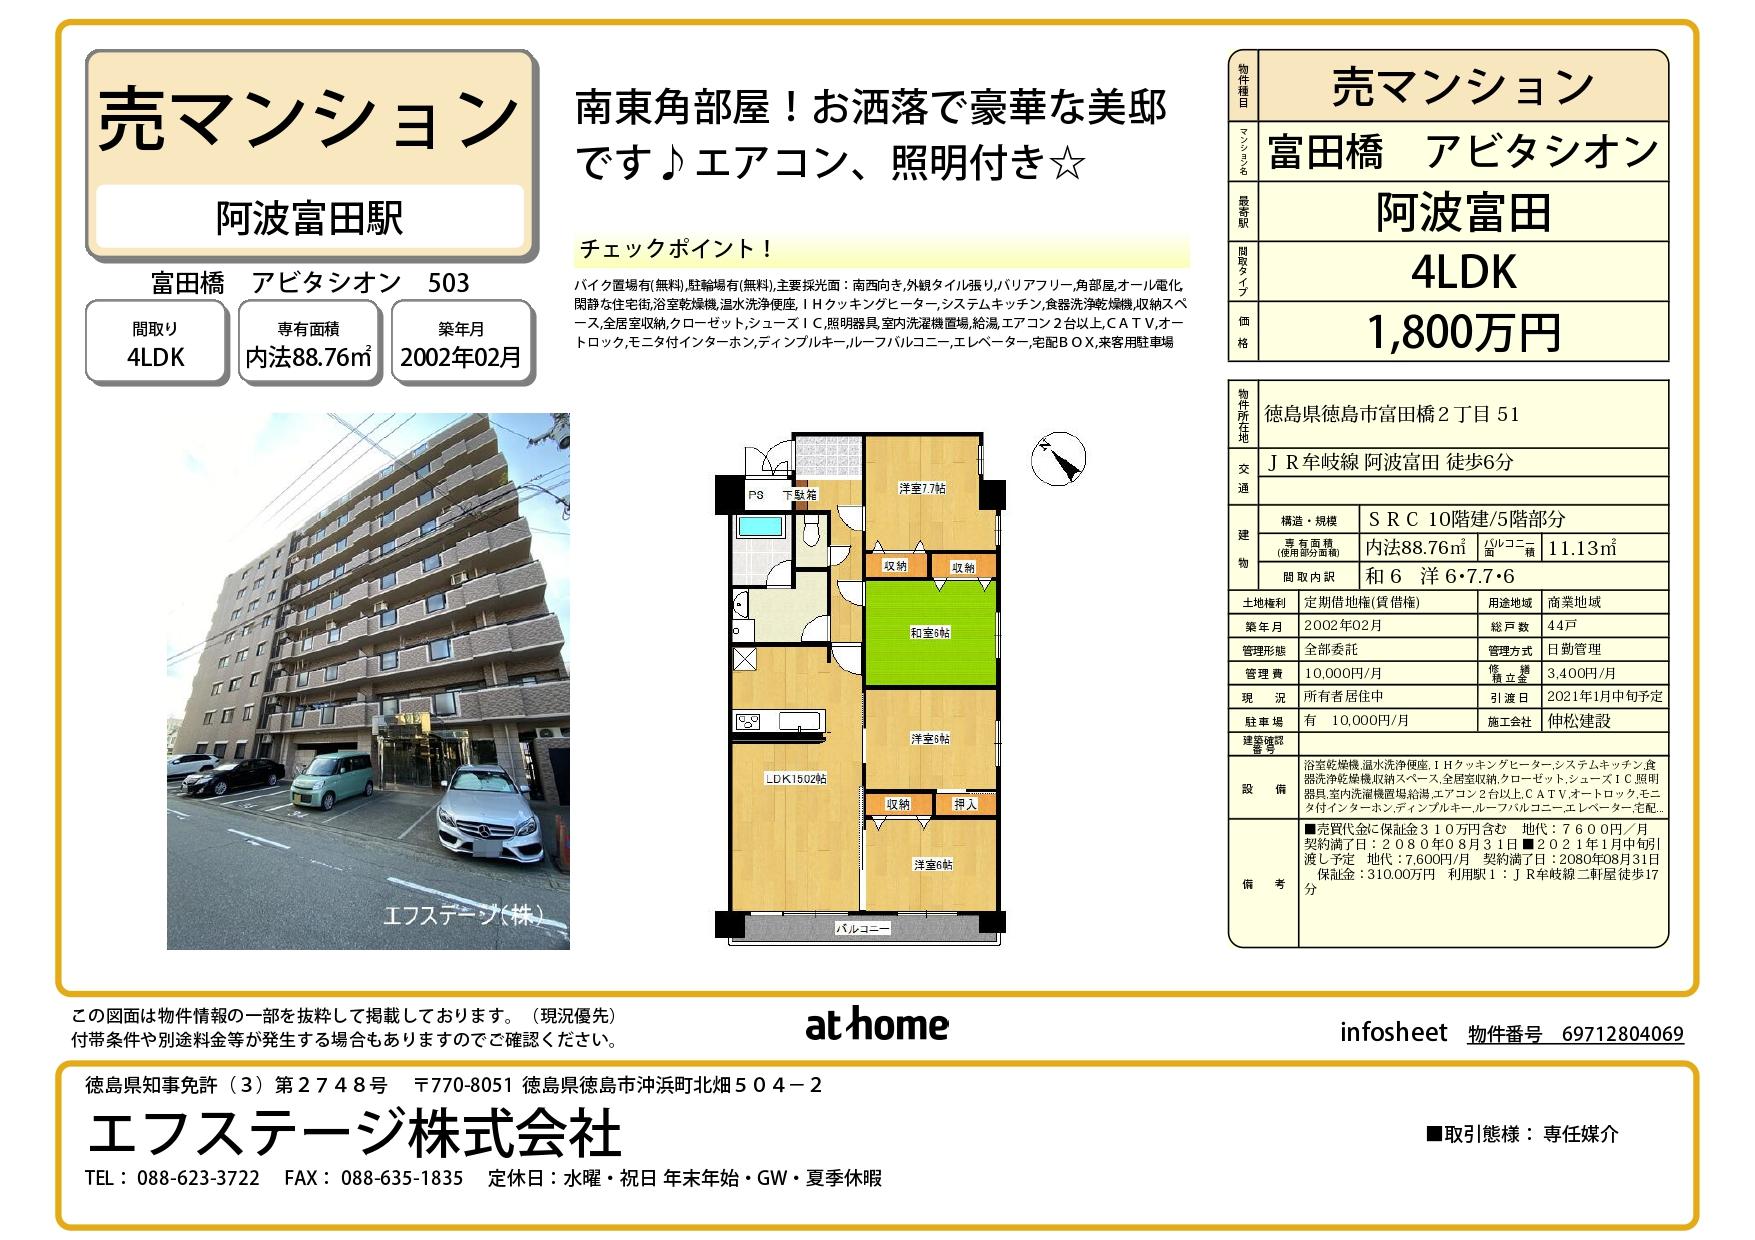 富田橋アビタシオン 5階 1,800万円